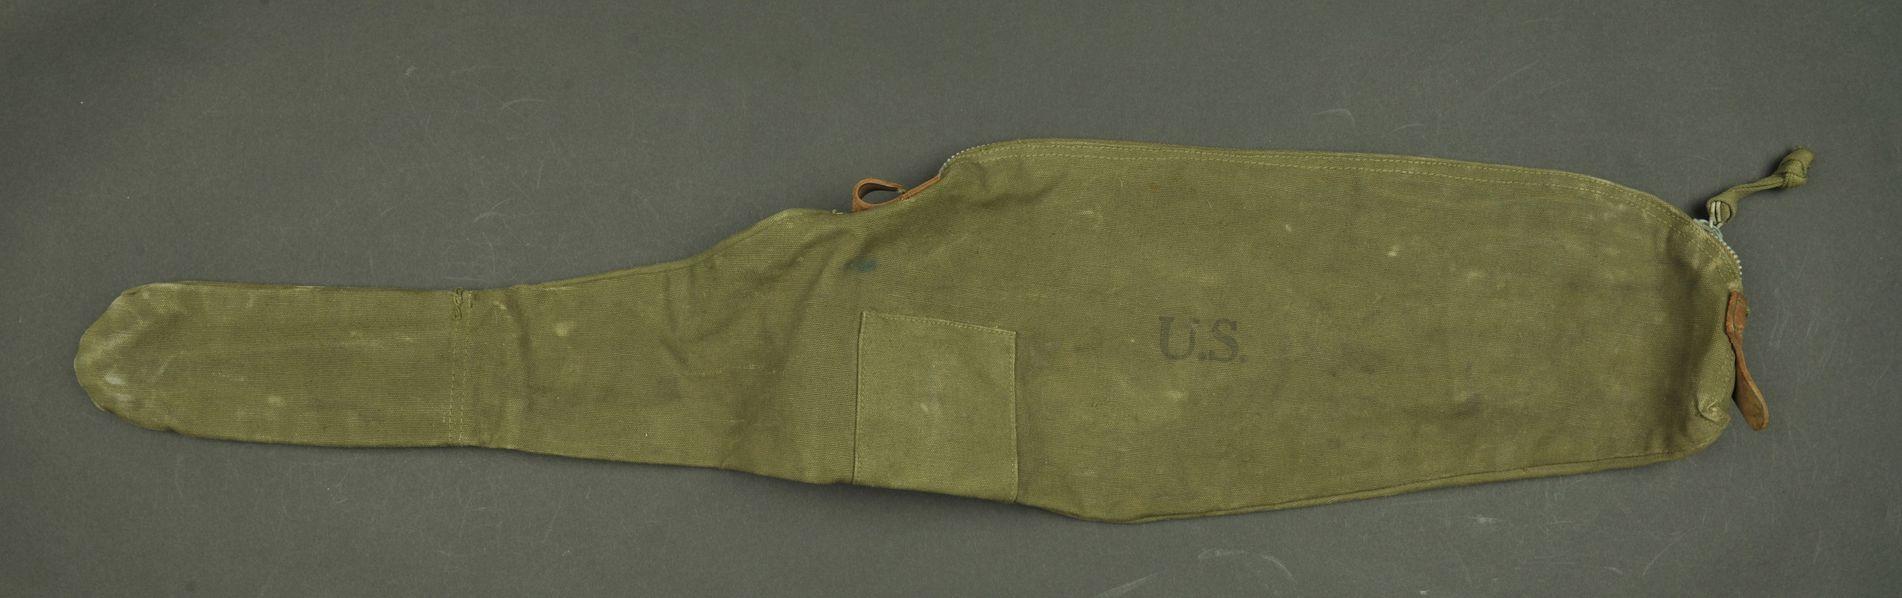 Housse de transport pour carabine USM1